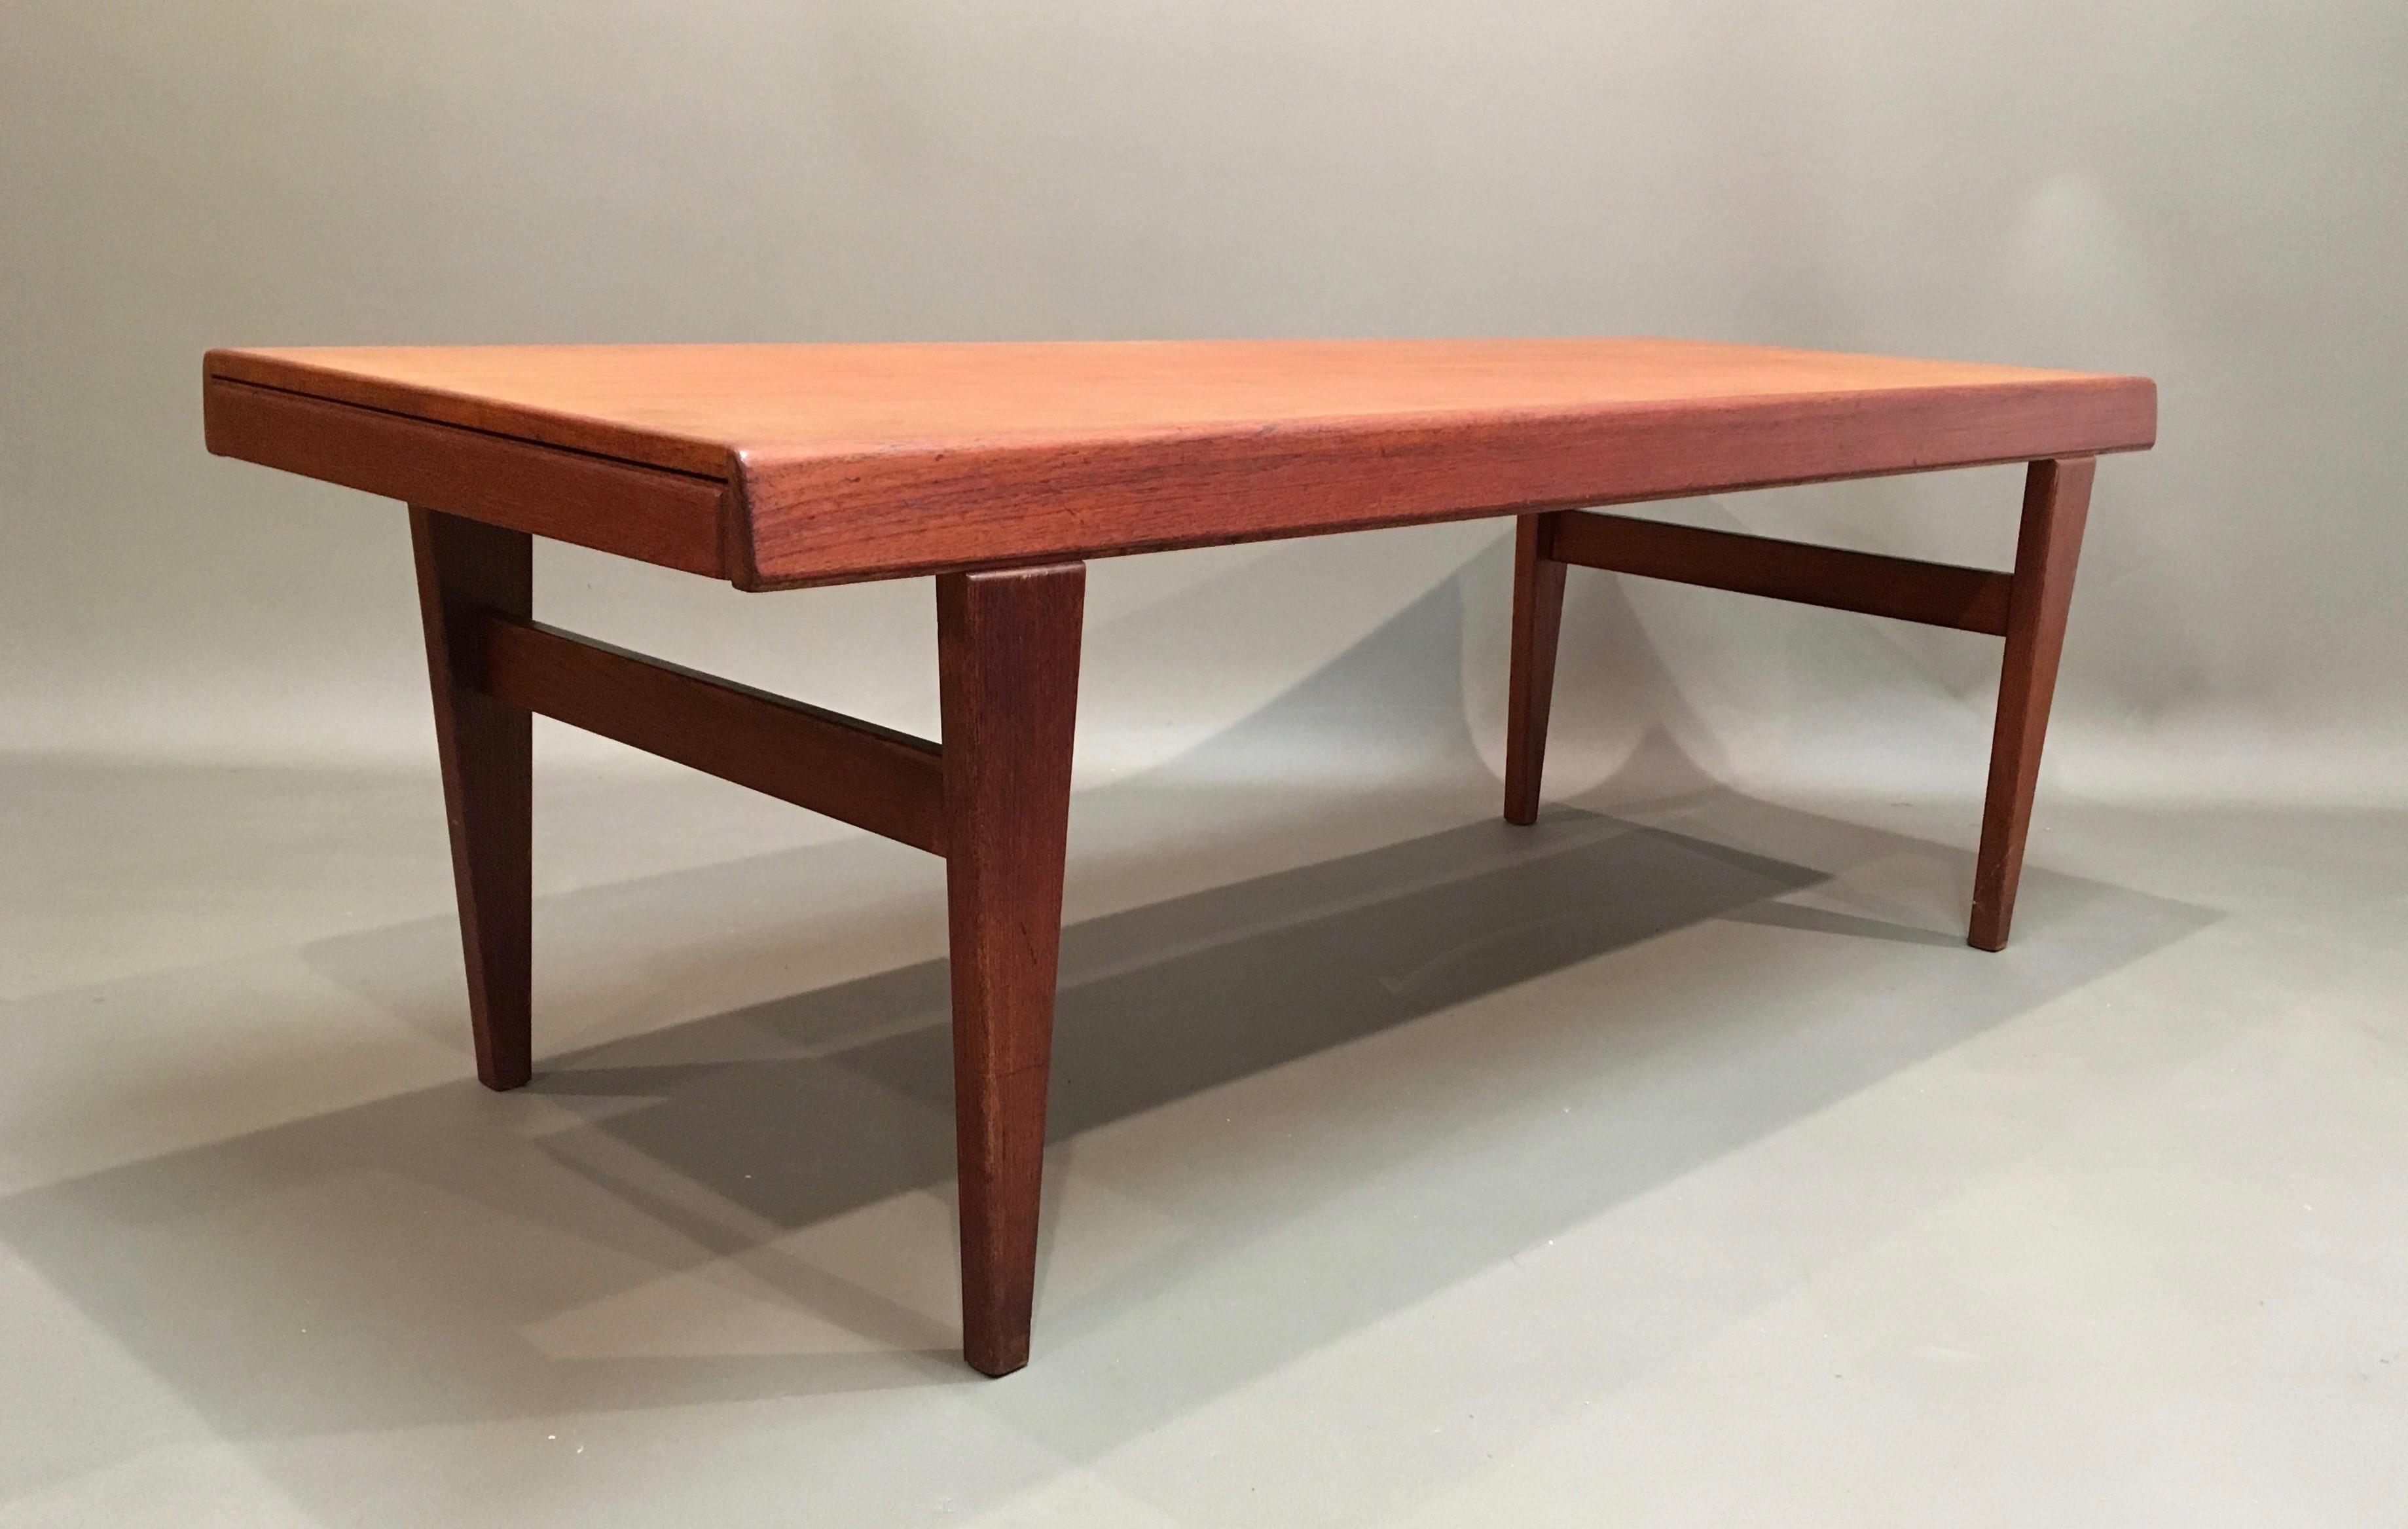 Teak coffee table in Scandinavian design - 1950s - Design ...